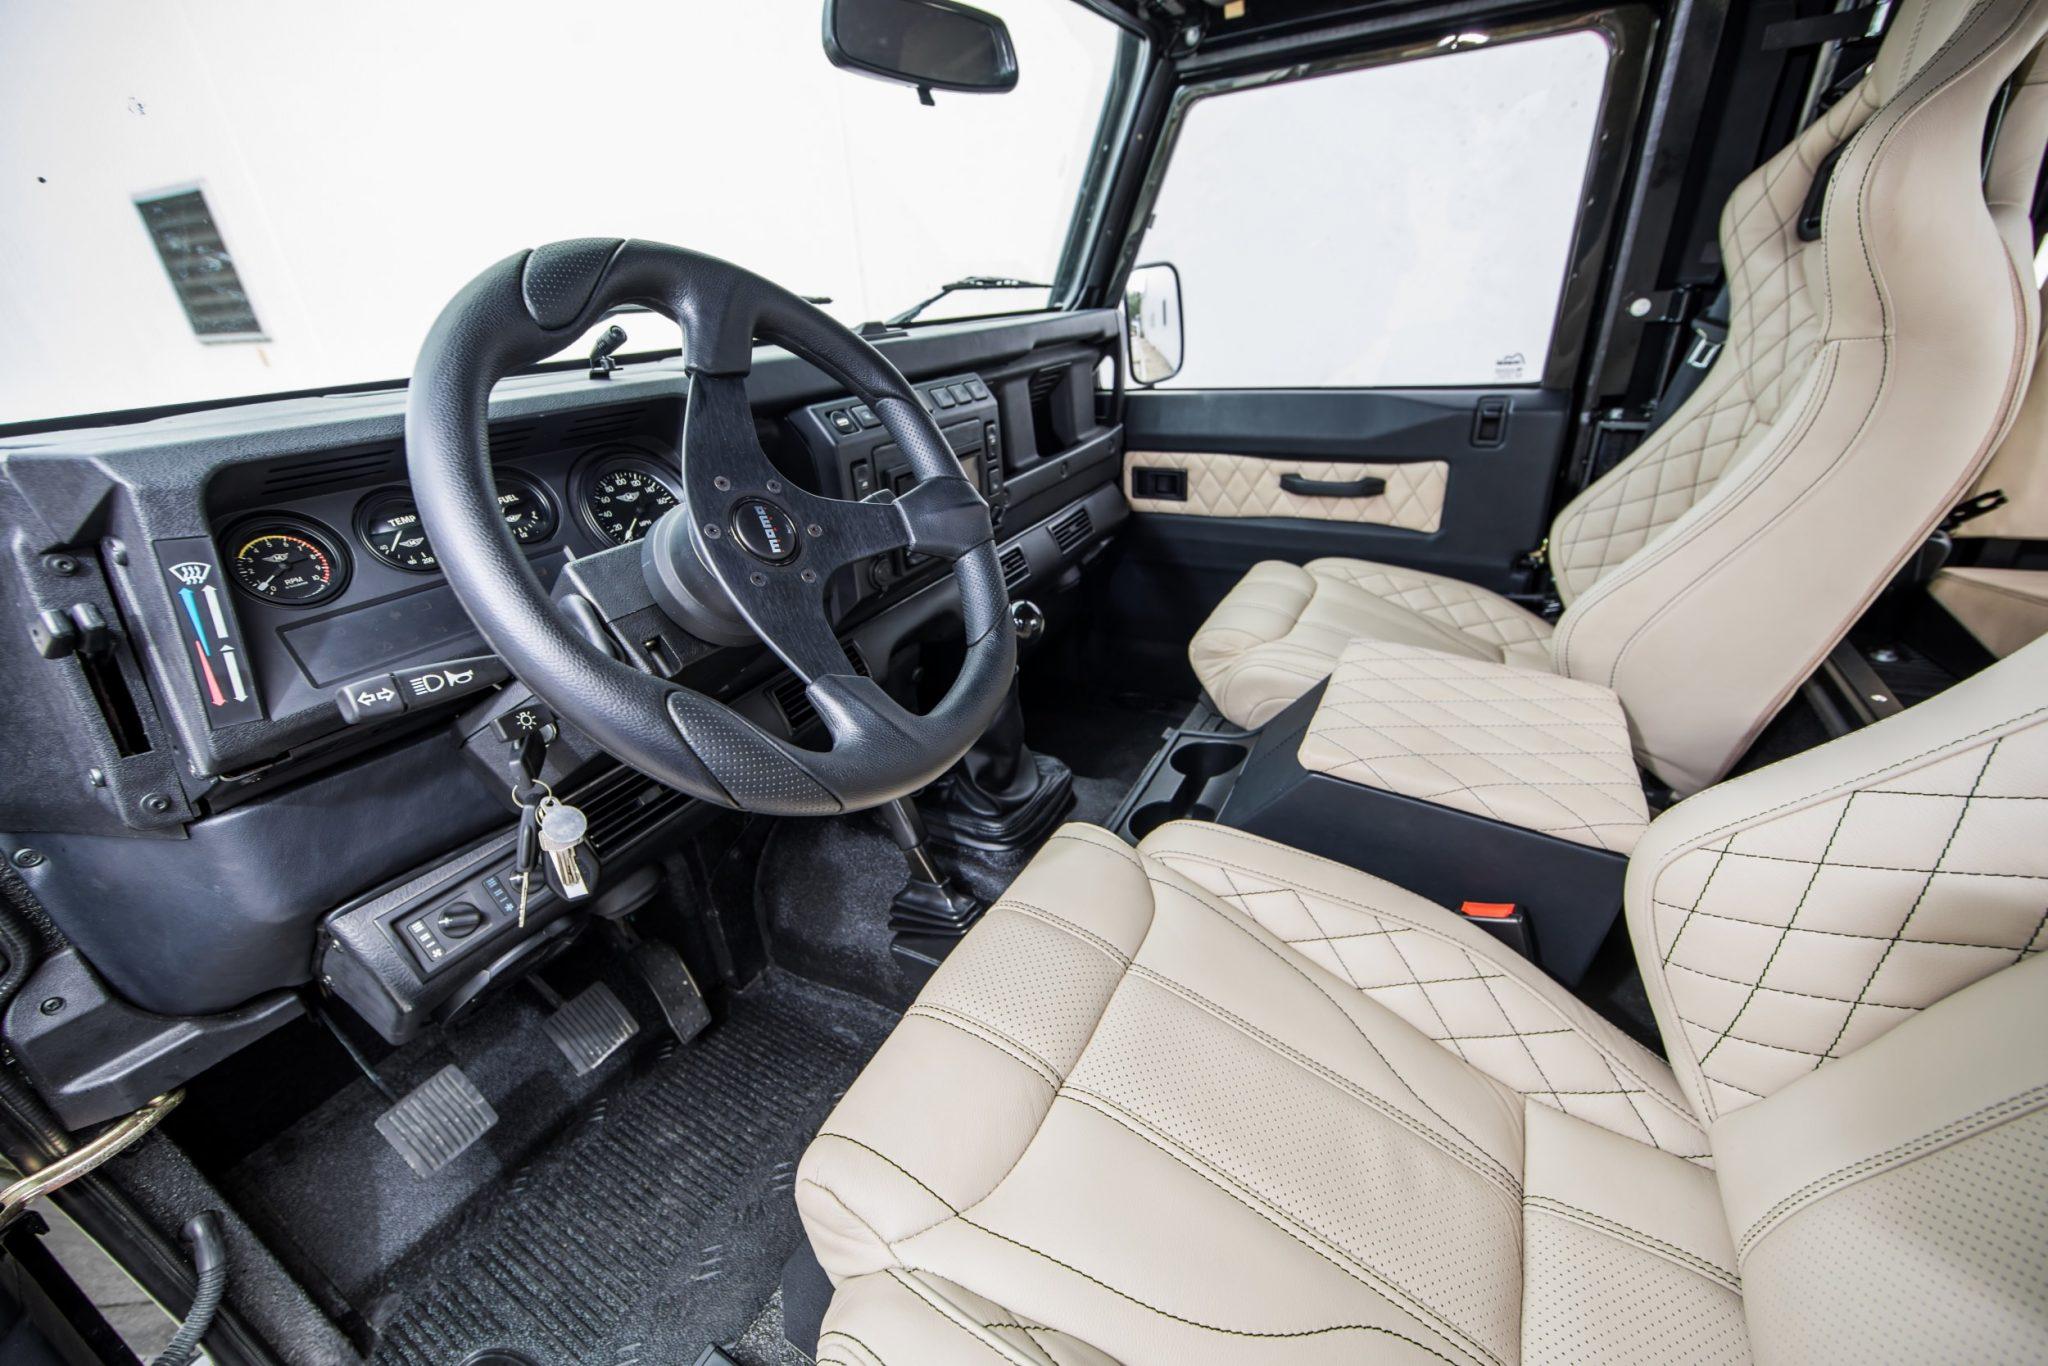 corvette engined land rover defender 26 - Corvette-Engined Land Rover Defender 90